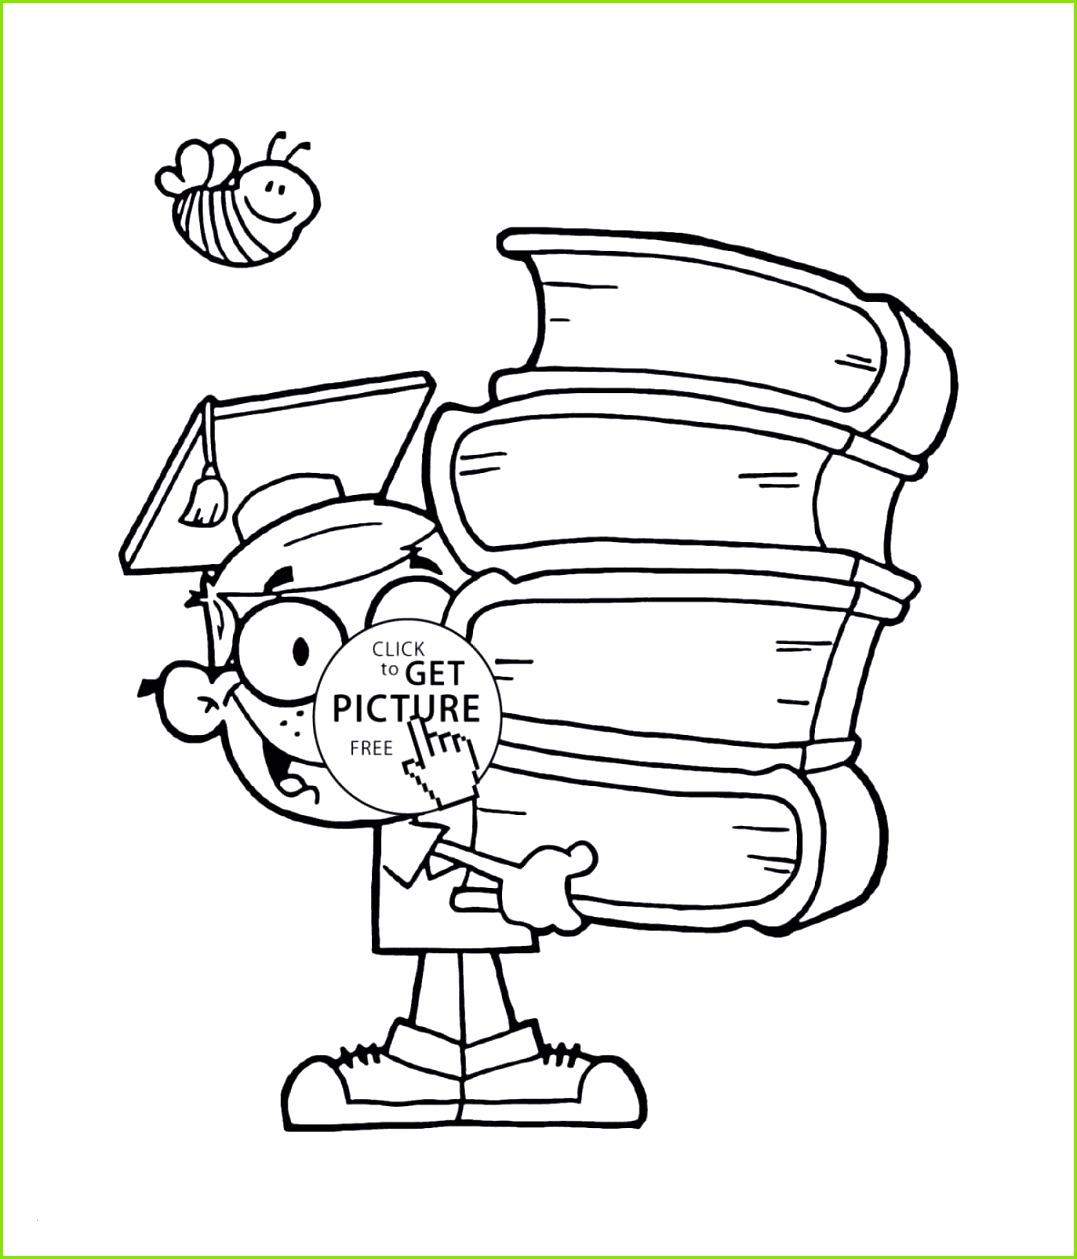 Malbuch Erwachsene Ausdrucken Ebenbild Malvorlagen Igel Frisch Igel Grundschule 0d Archives Uploadertalk